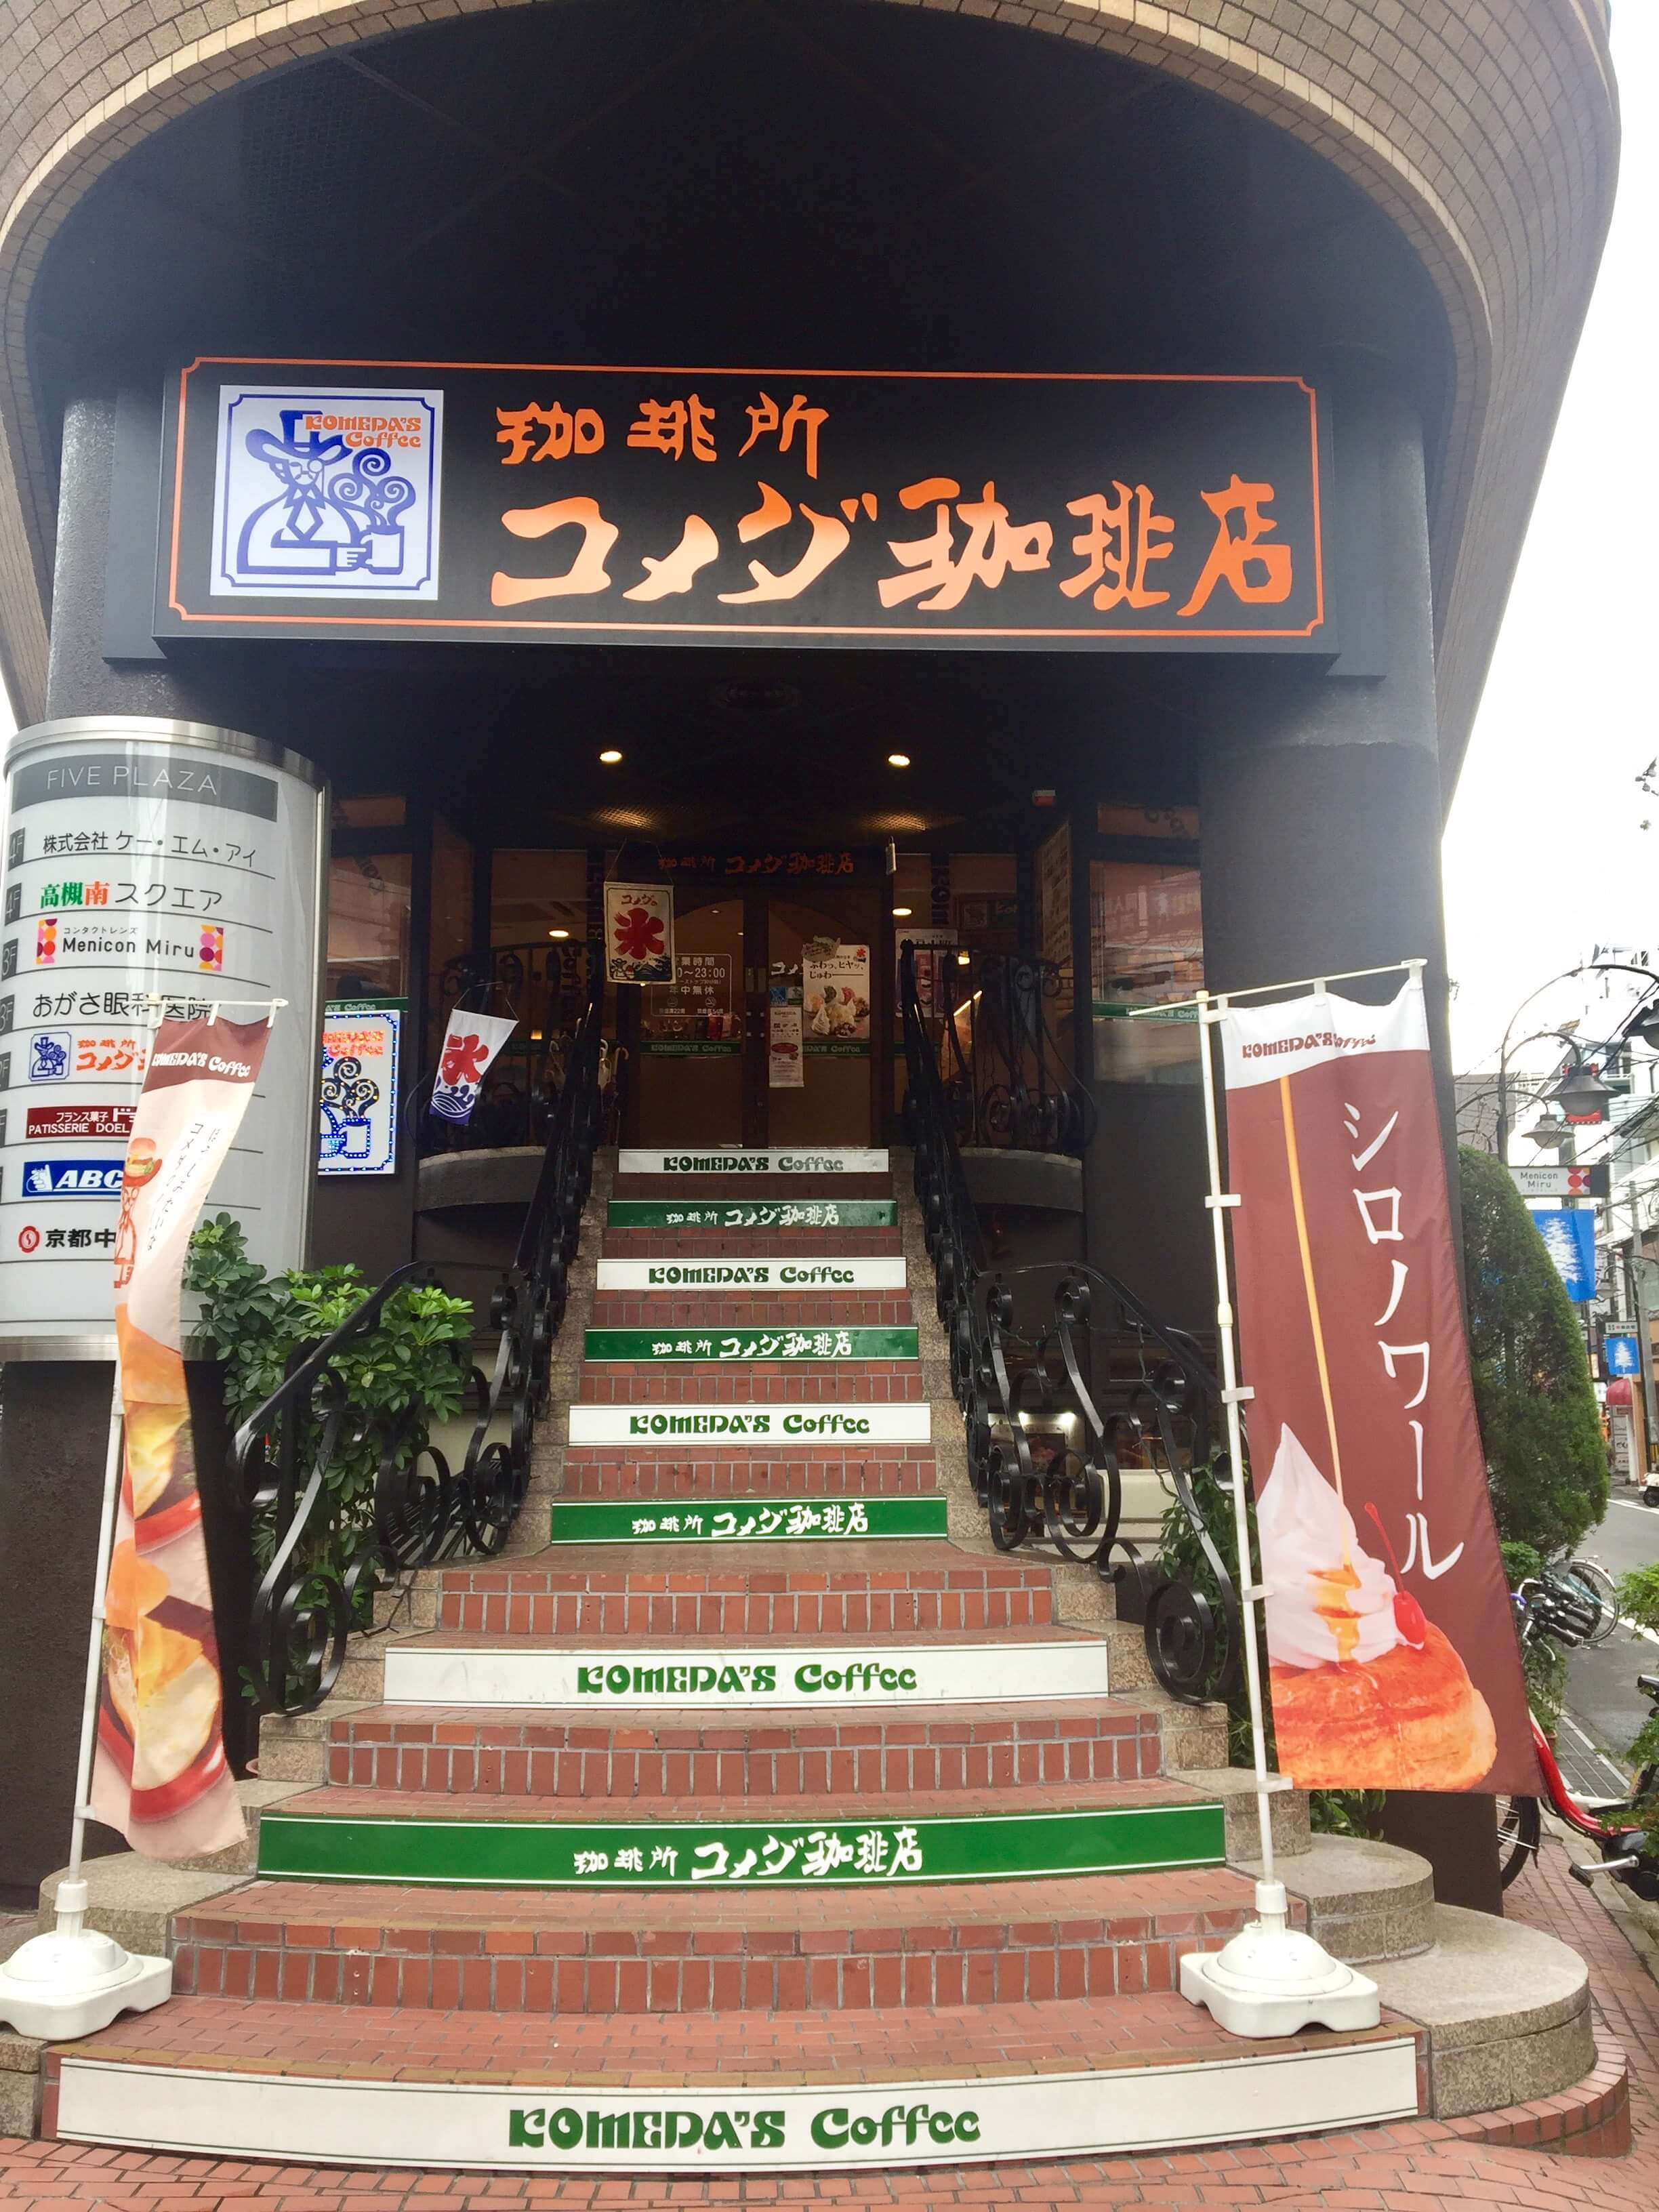 モーニングが美味しい「コメダ珈琲高槻店」のメニューやランチ情報